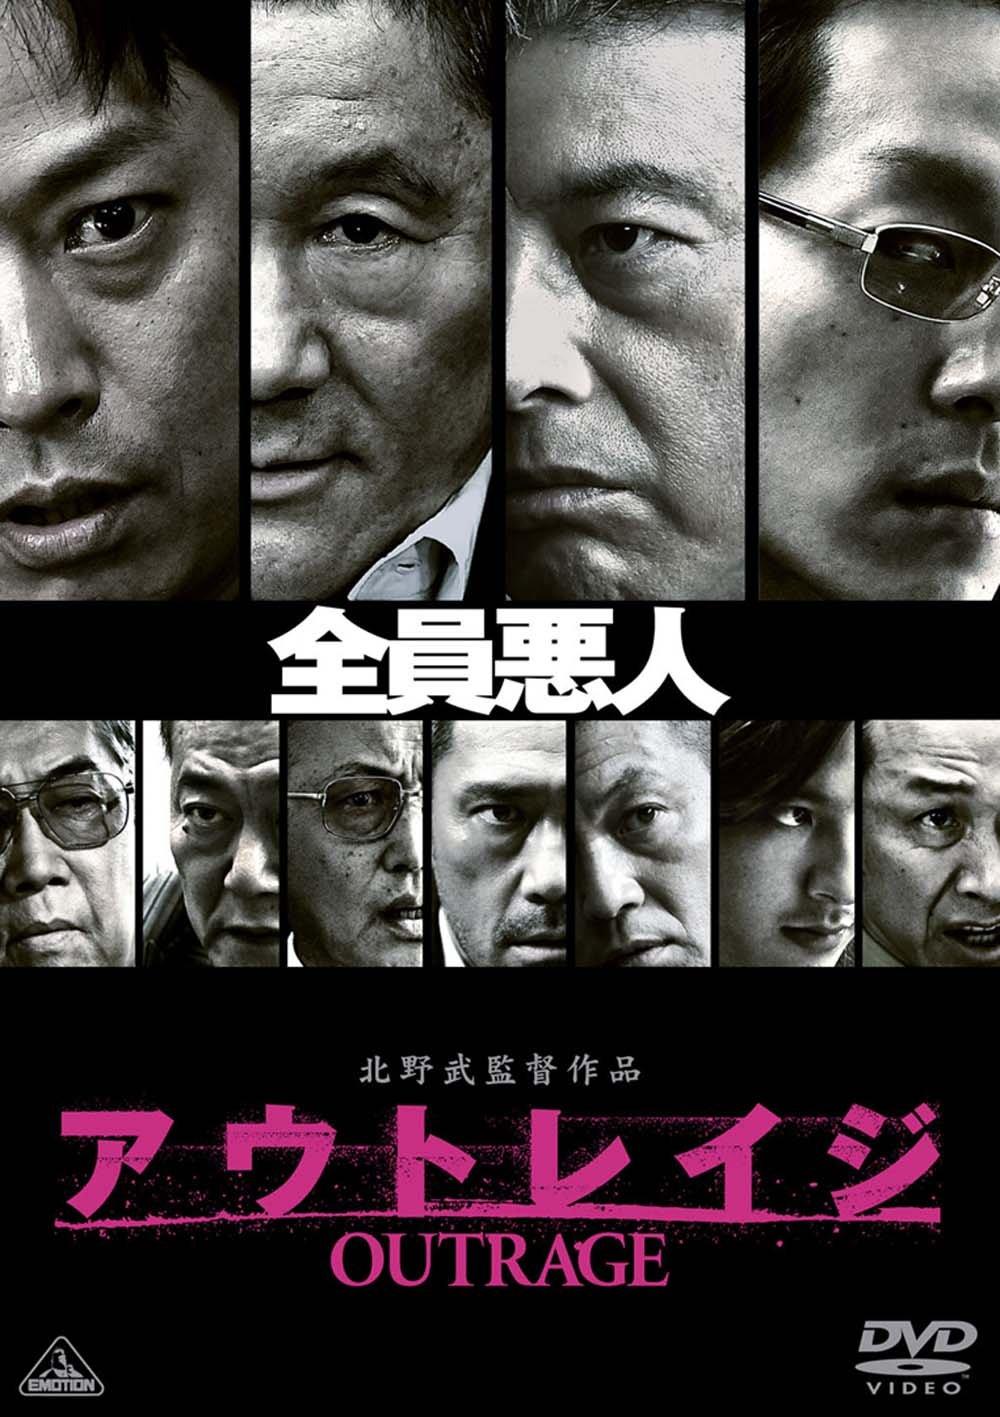 北野武監督の映画